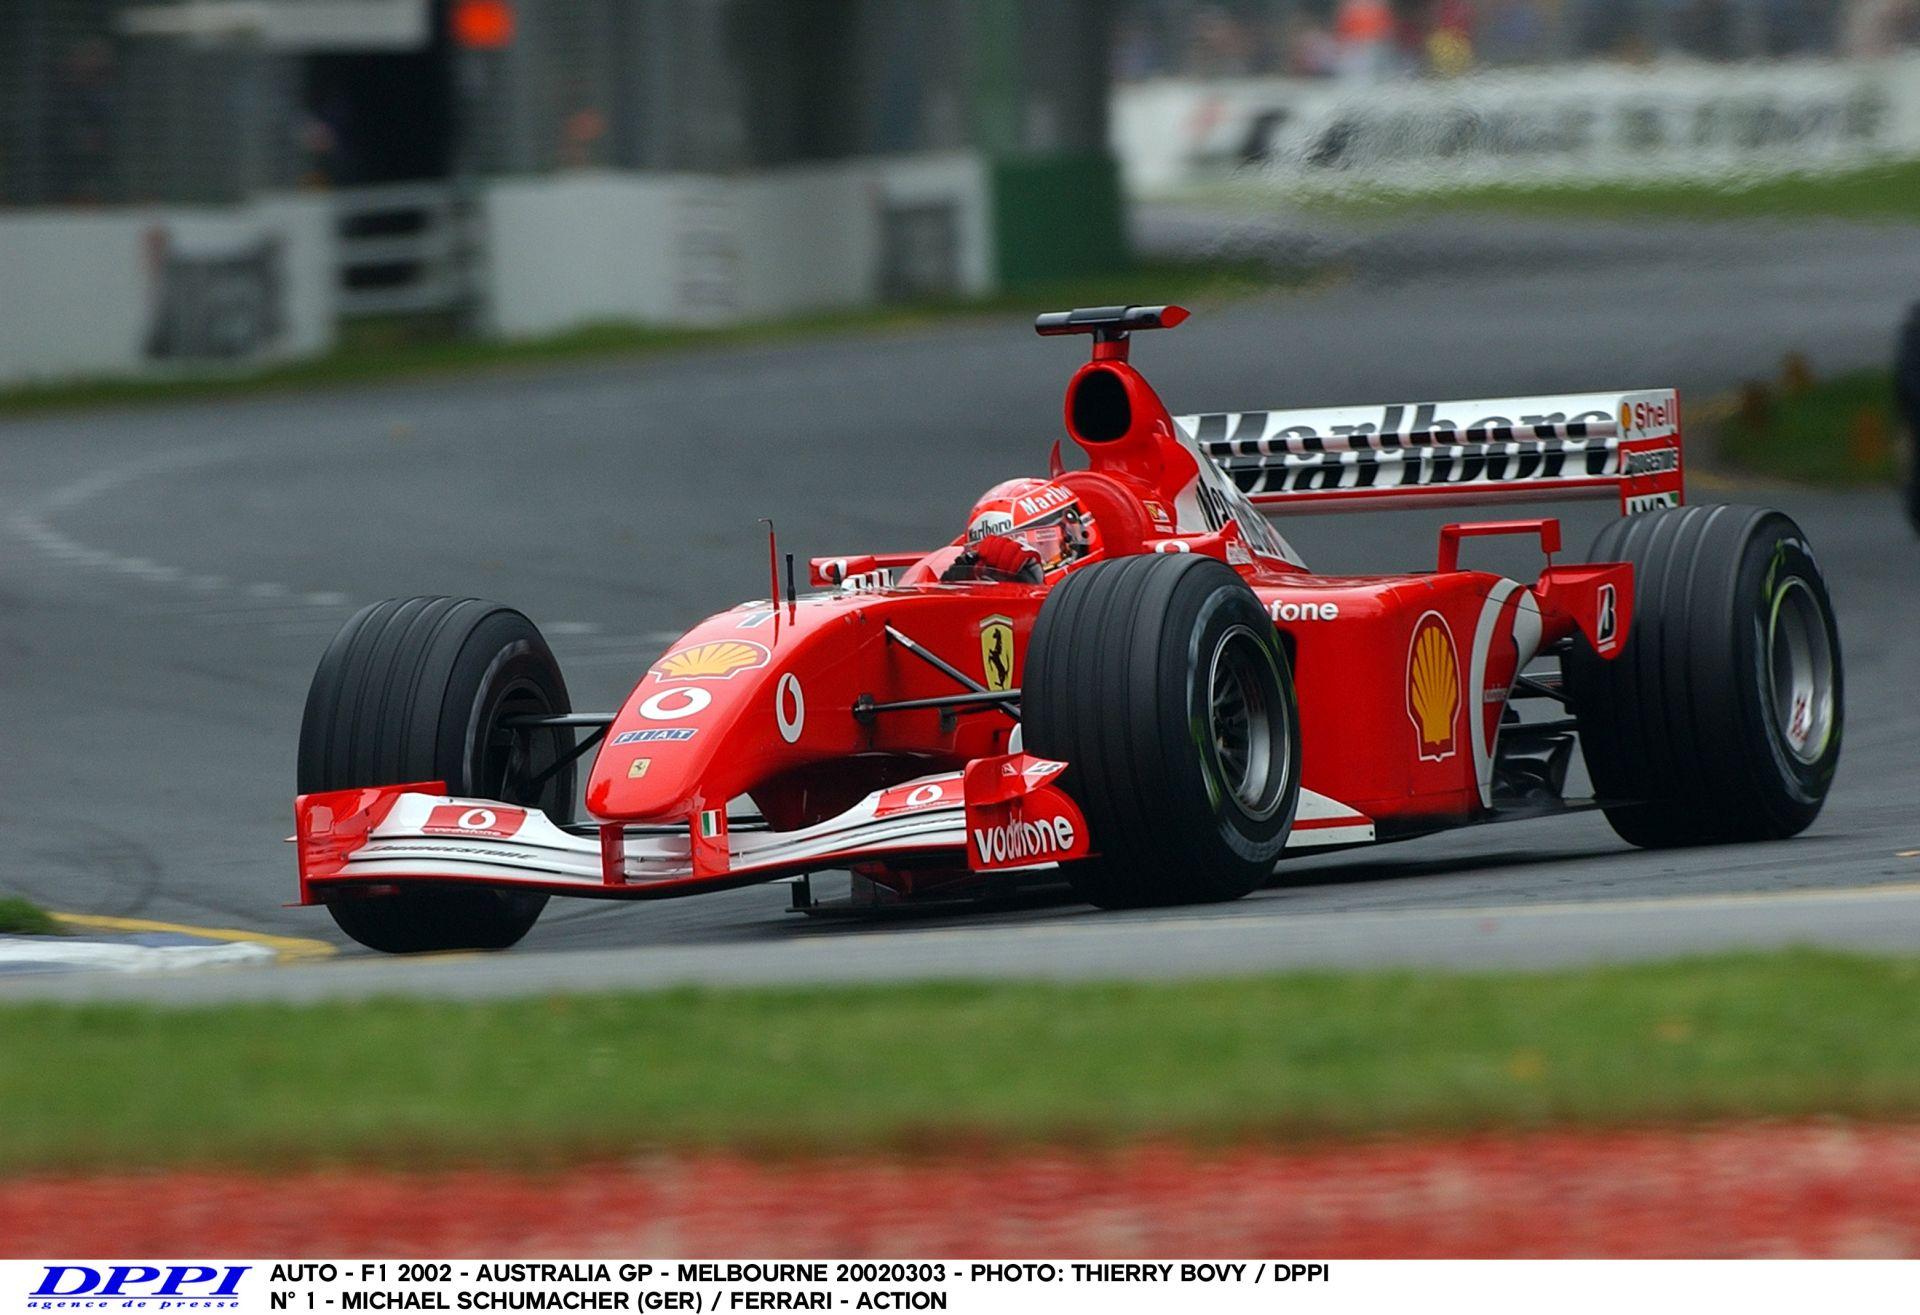 10 nap múlva Ausztrál Nagydíj: Trulli Vs. Schumacher Vs. Montoya